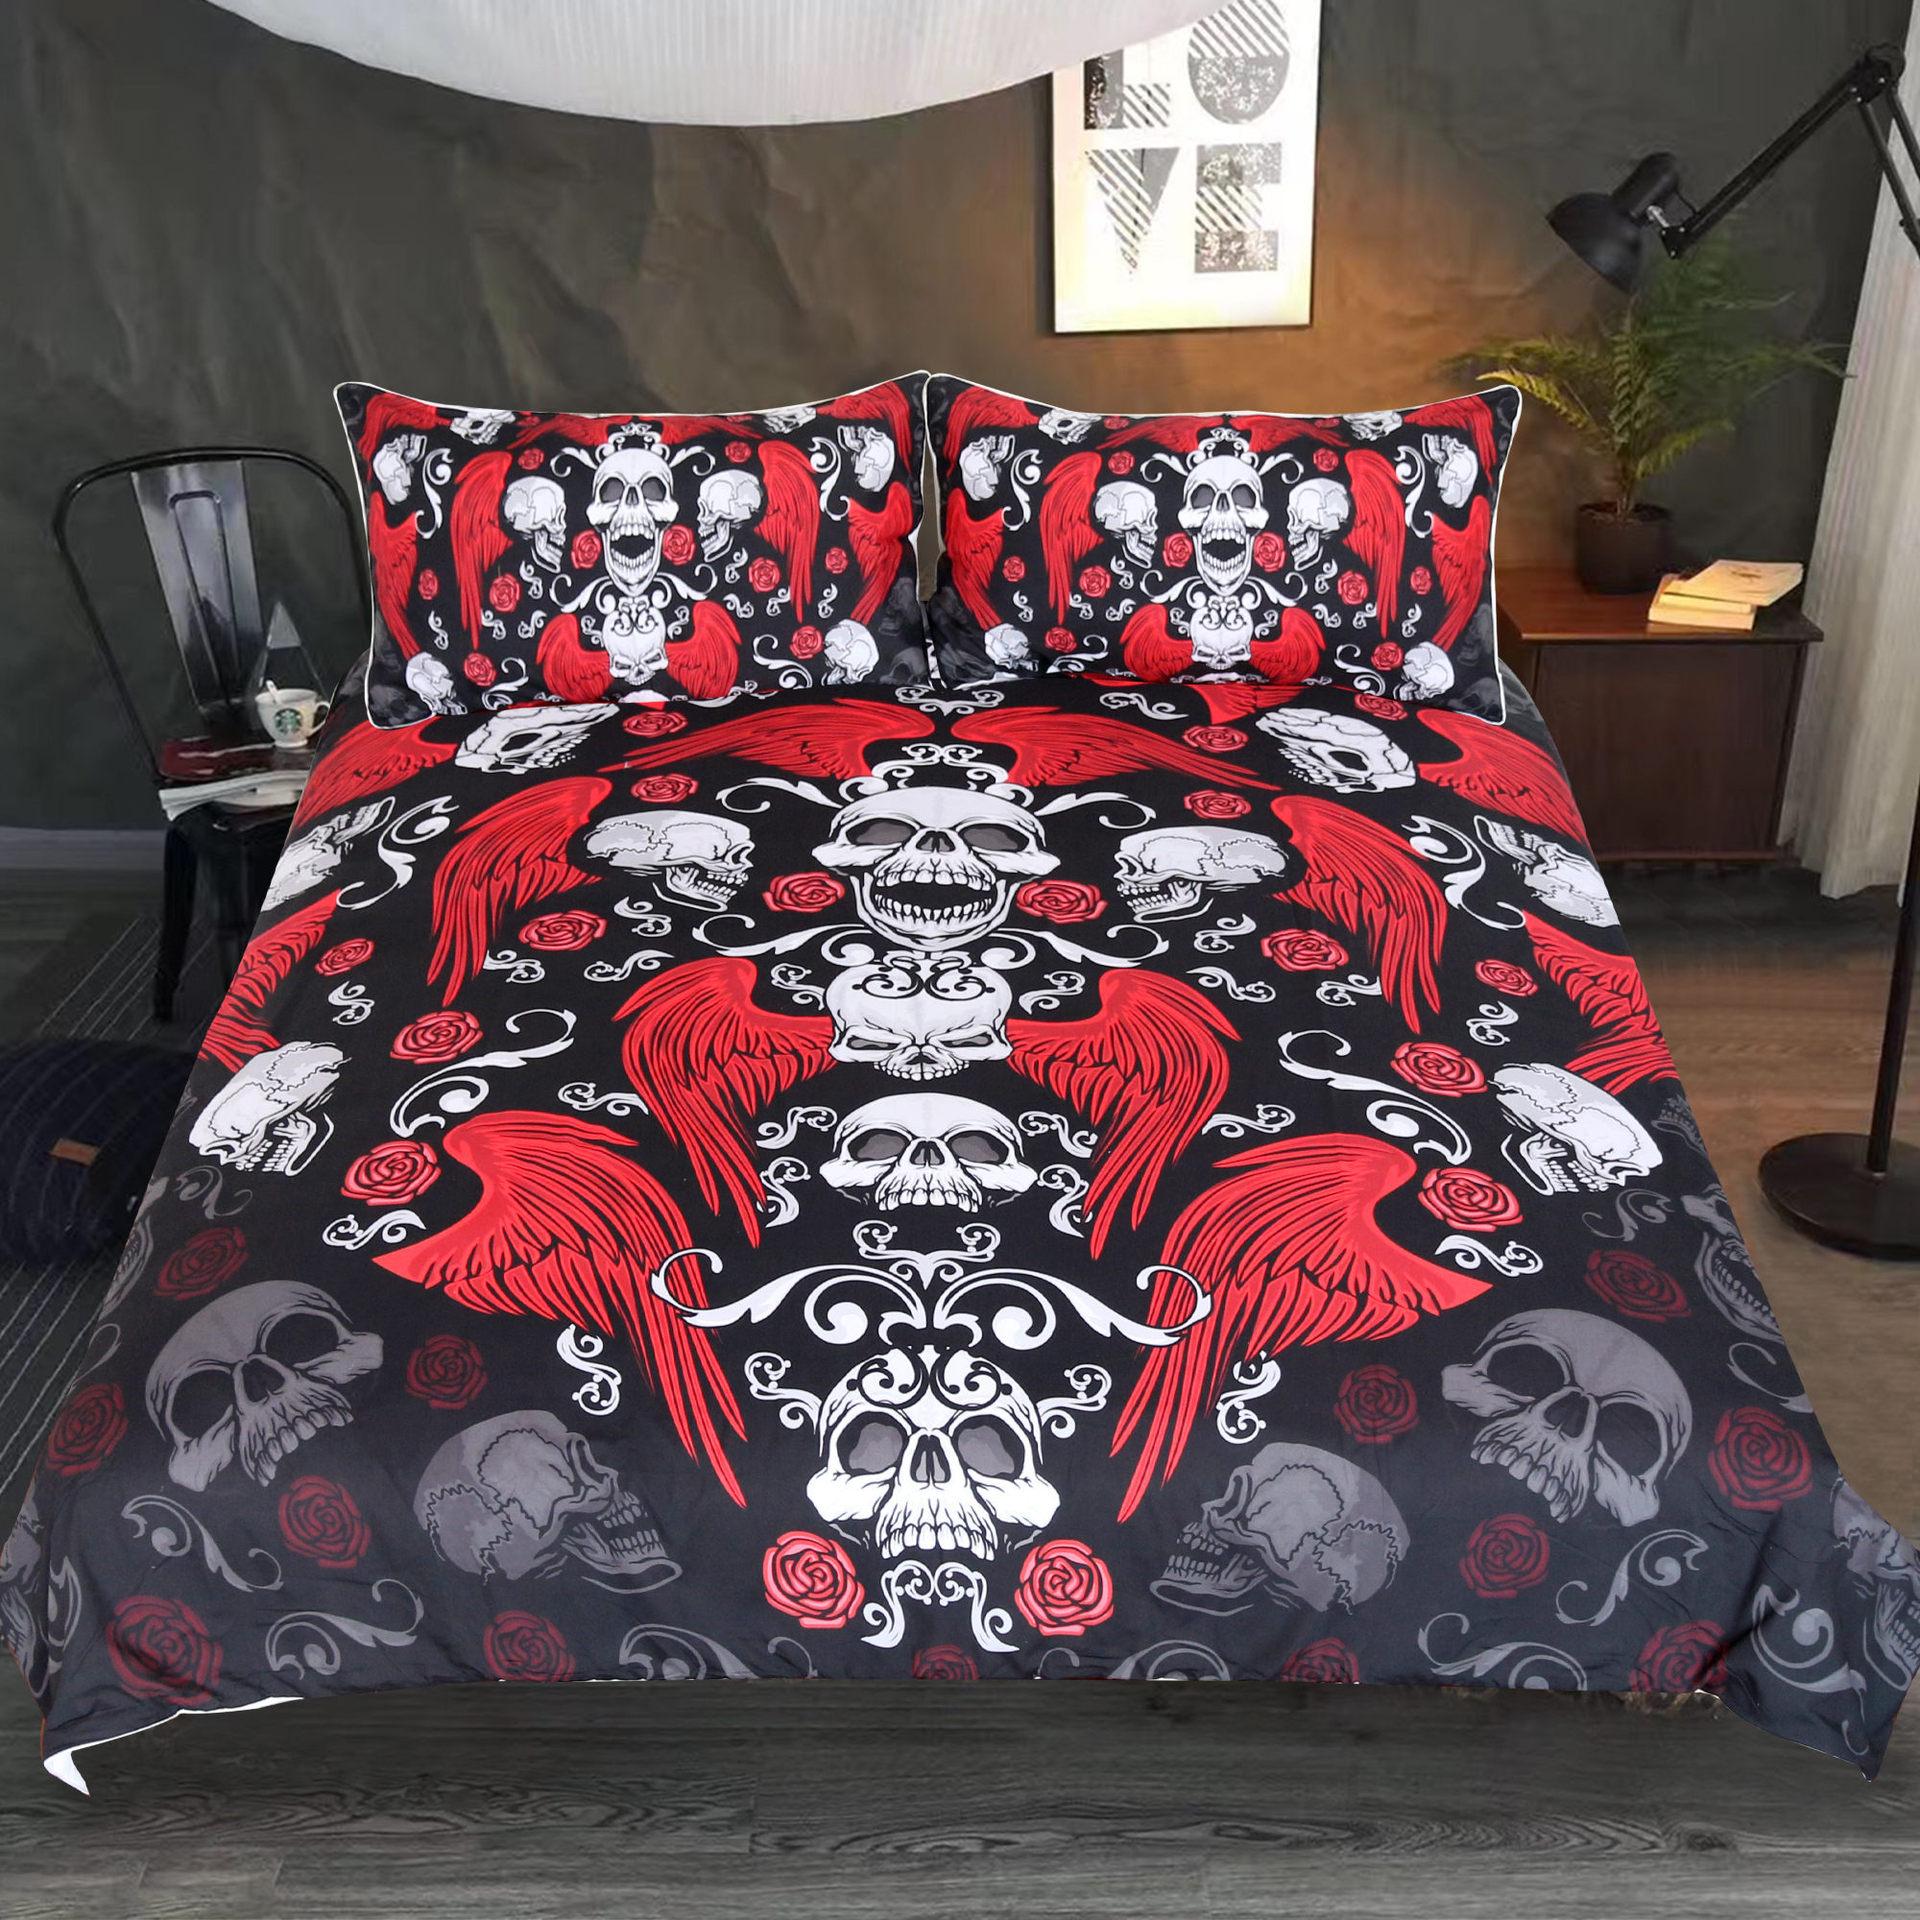 Ev ve Bahçe'ten Nevresim'de Kırmızı kanatlı kafatası desen ev tekstili nevresim 2 yastık kılıfı 3D baskı moda yatak 3 adet Set ve levha title=